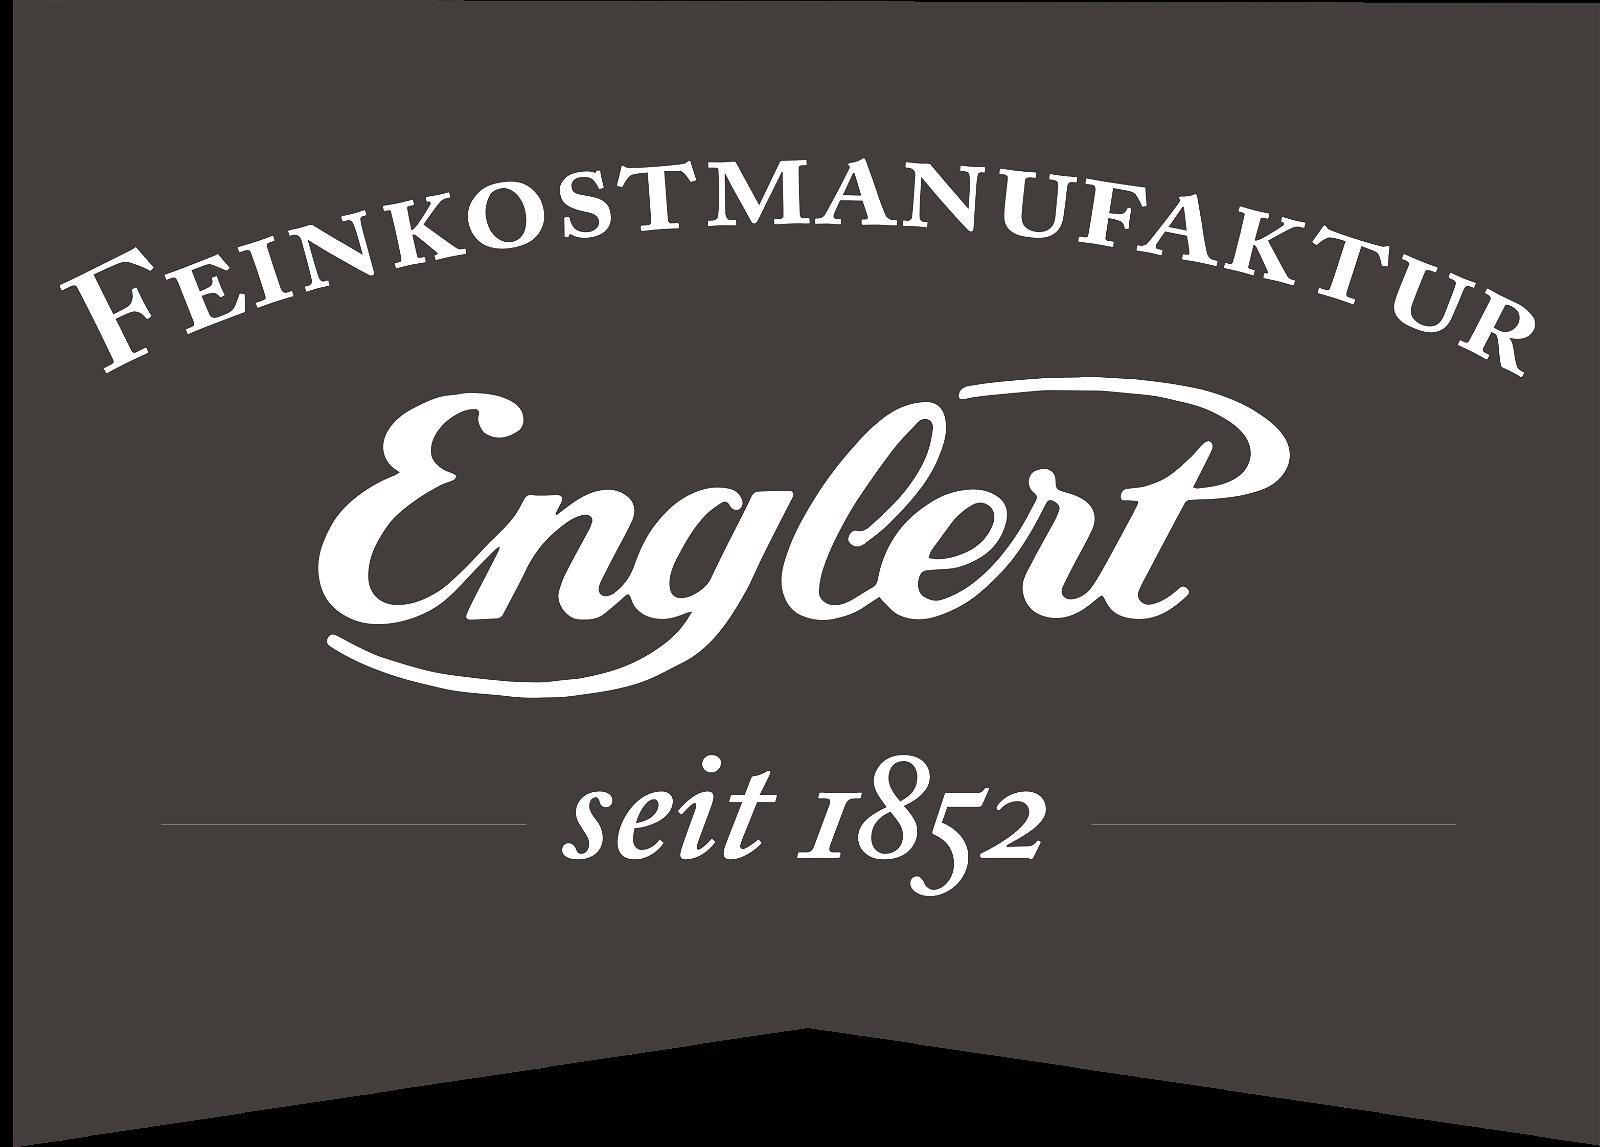 Feinkostmanufaktur Englert seit 1852